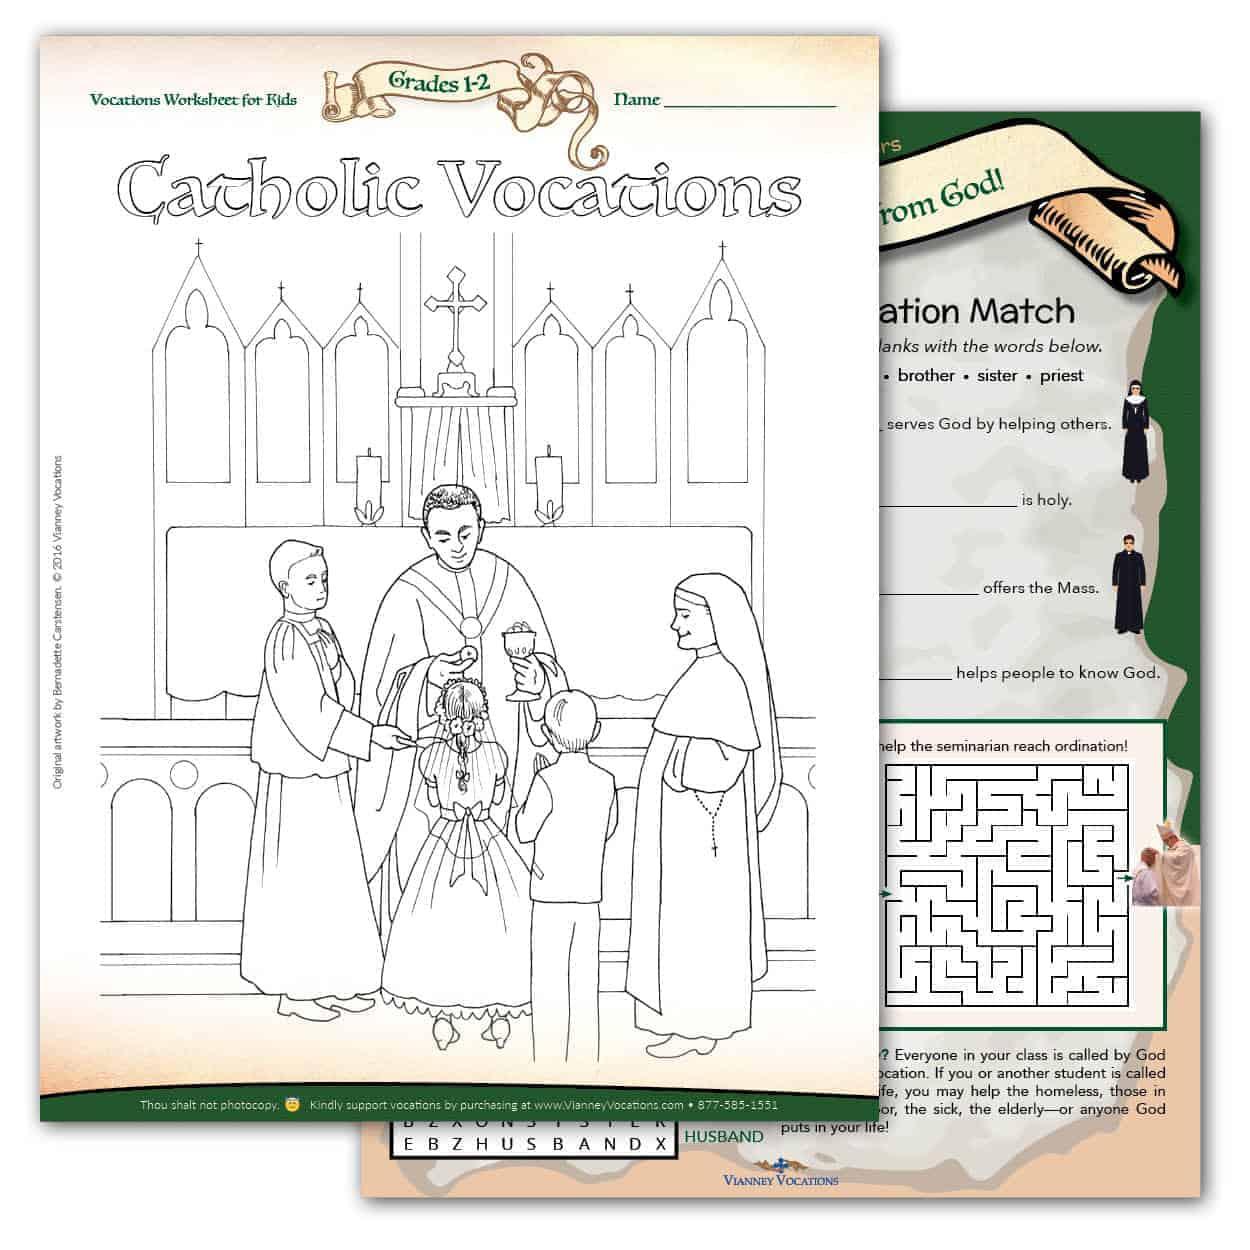 Vocations Worksheet For Kids